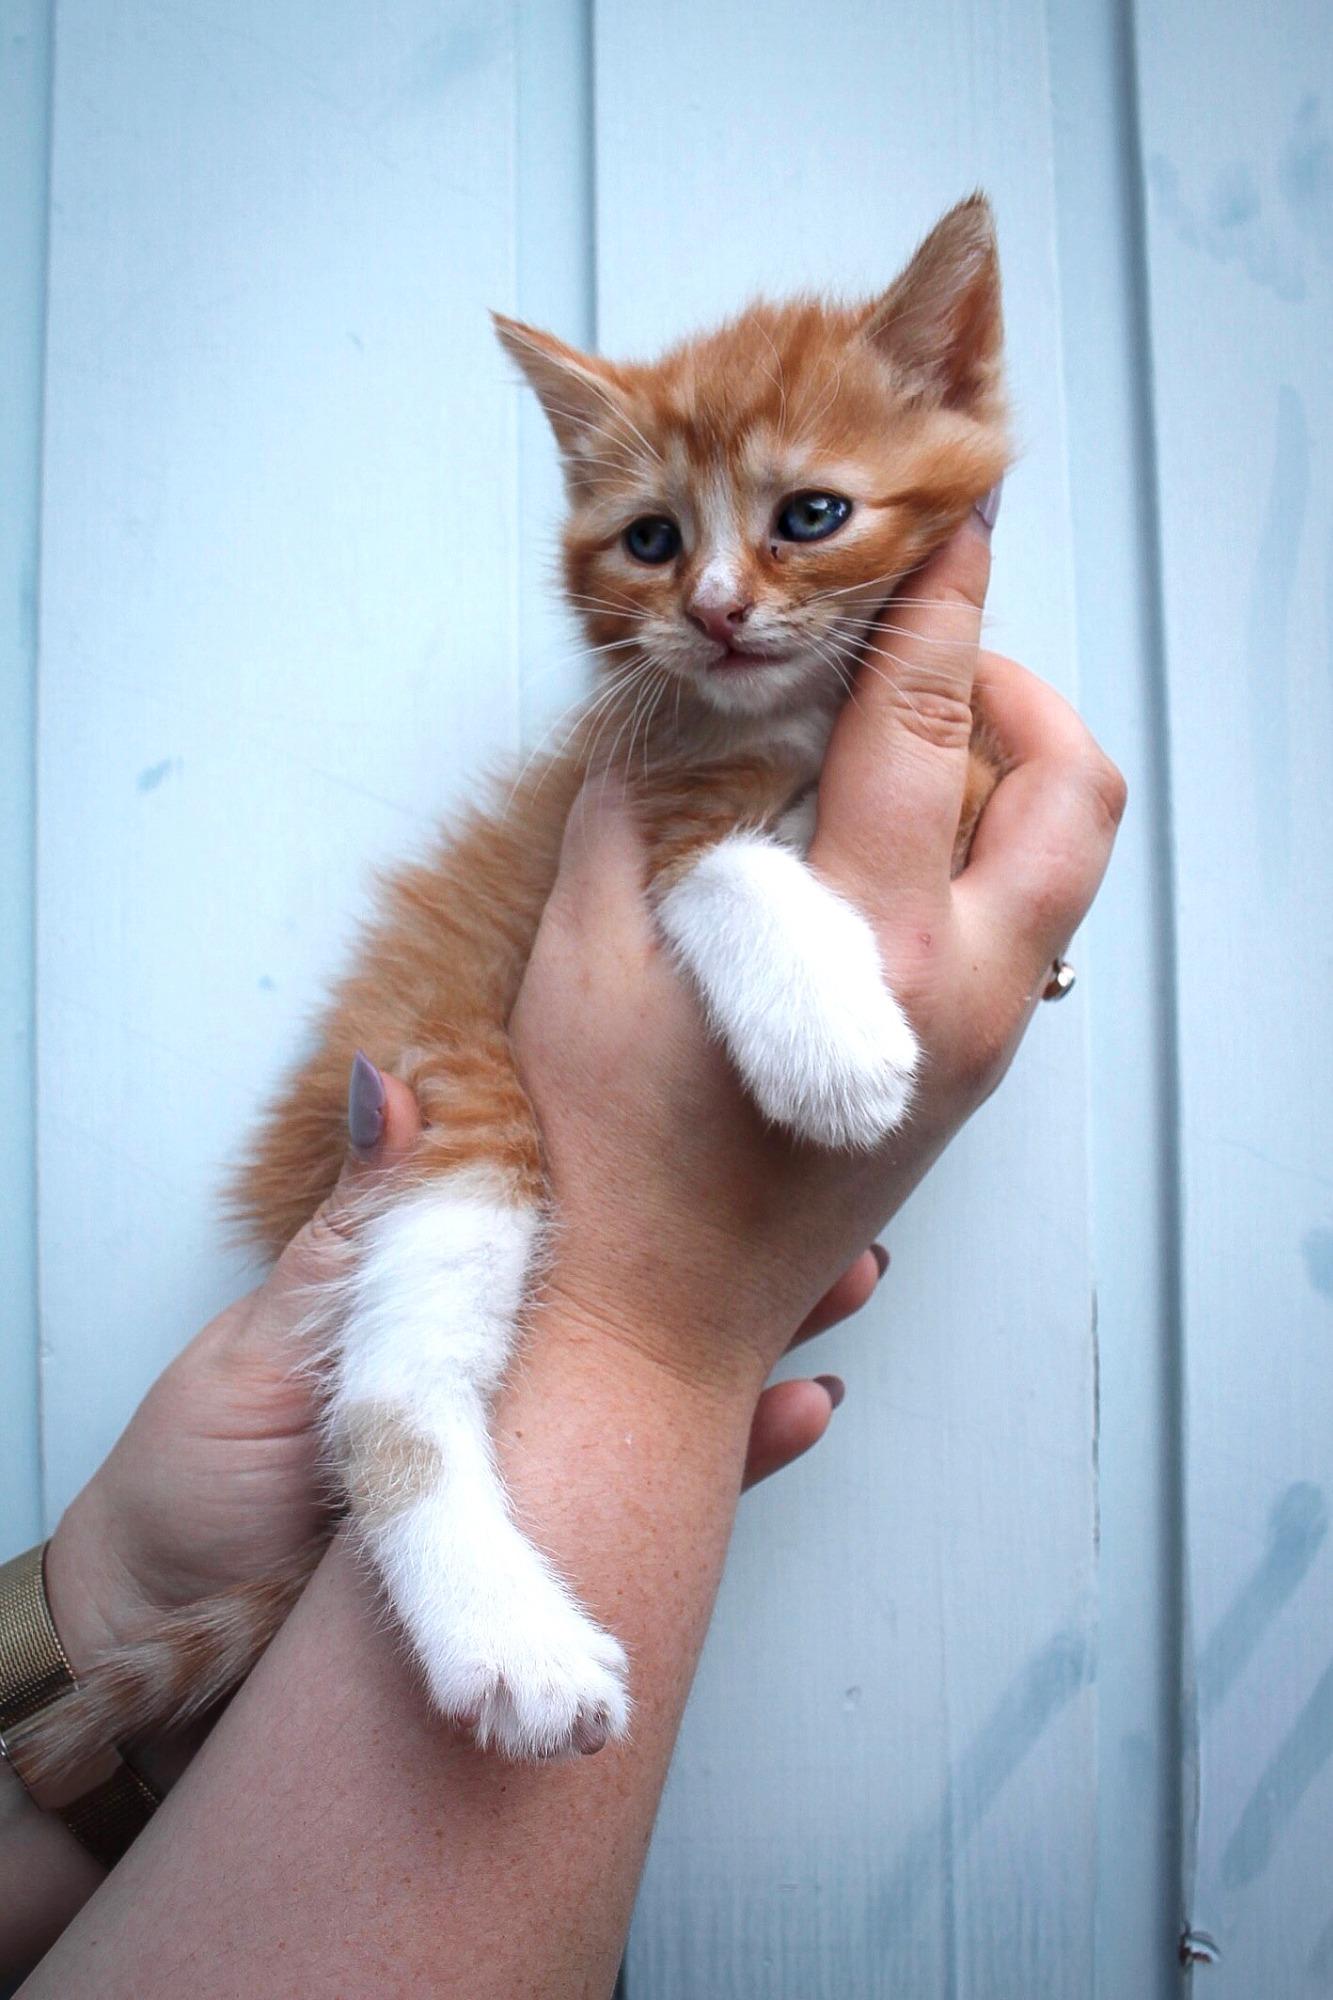 Cinnamon 6 Week Old Kitten On Trial 23 12 19 Male Domestic Short Hair Cat In Nsw Petrescue